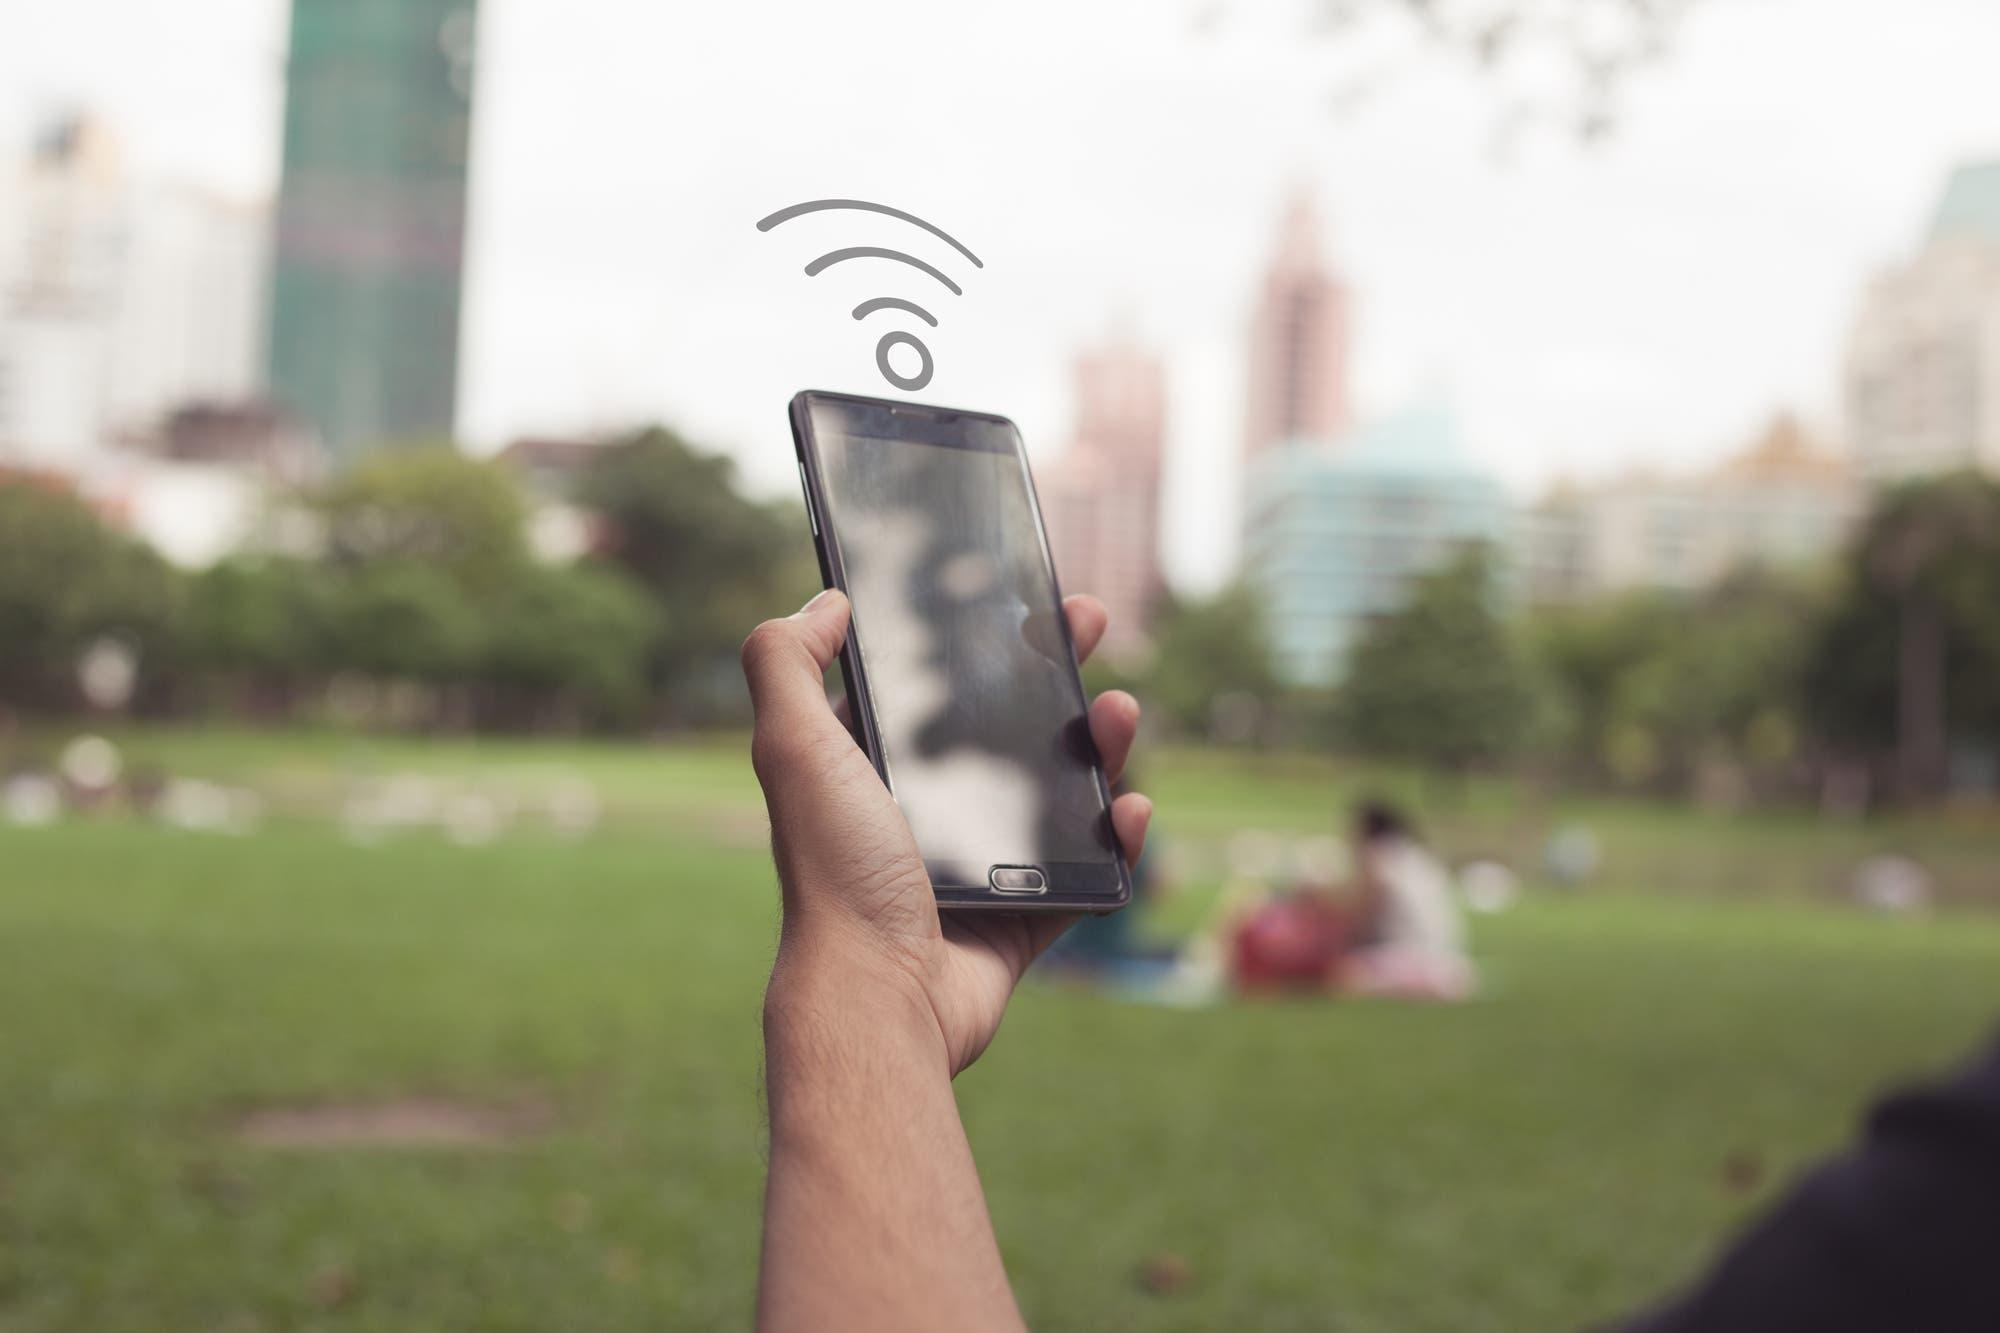 ¿Por qué es tan difícil ofrecer Wi-Fi gratis de buena calidad en las ciudades?